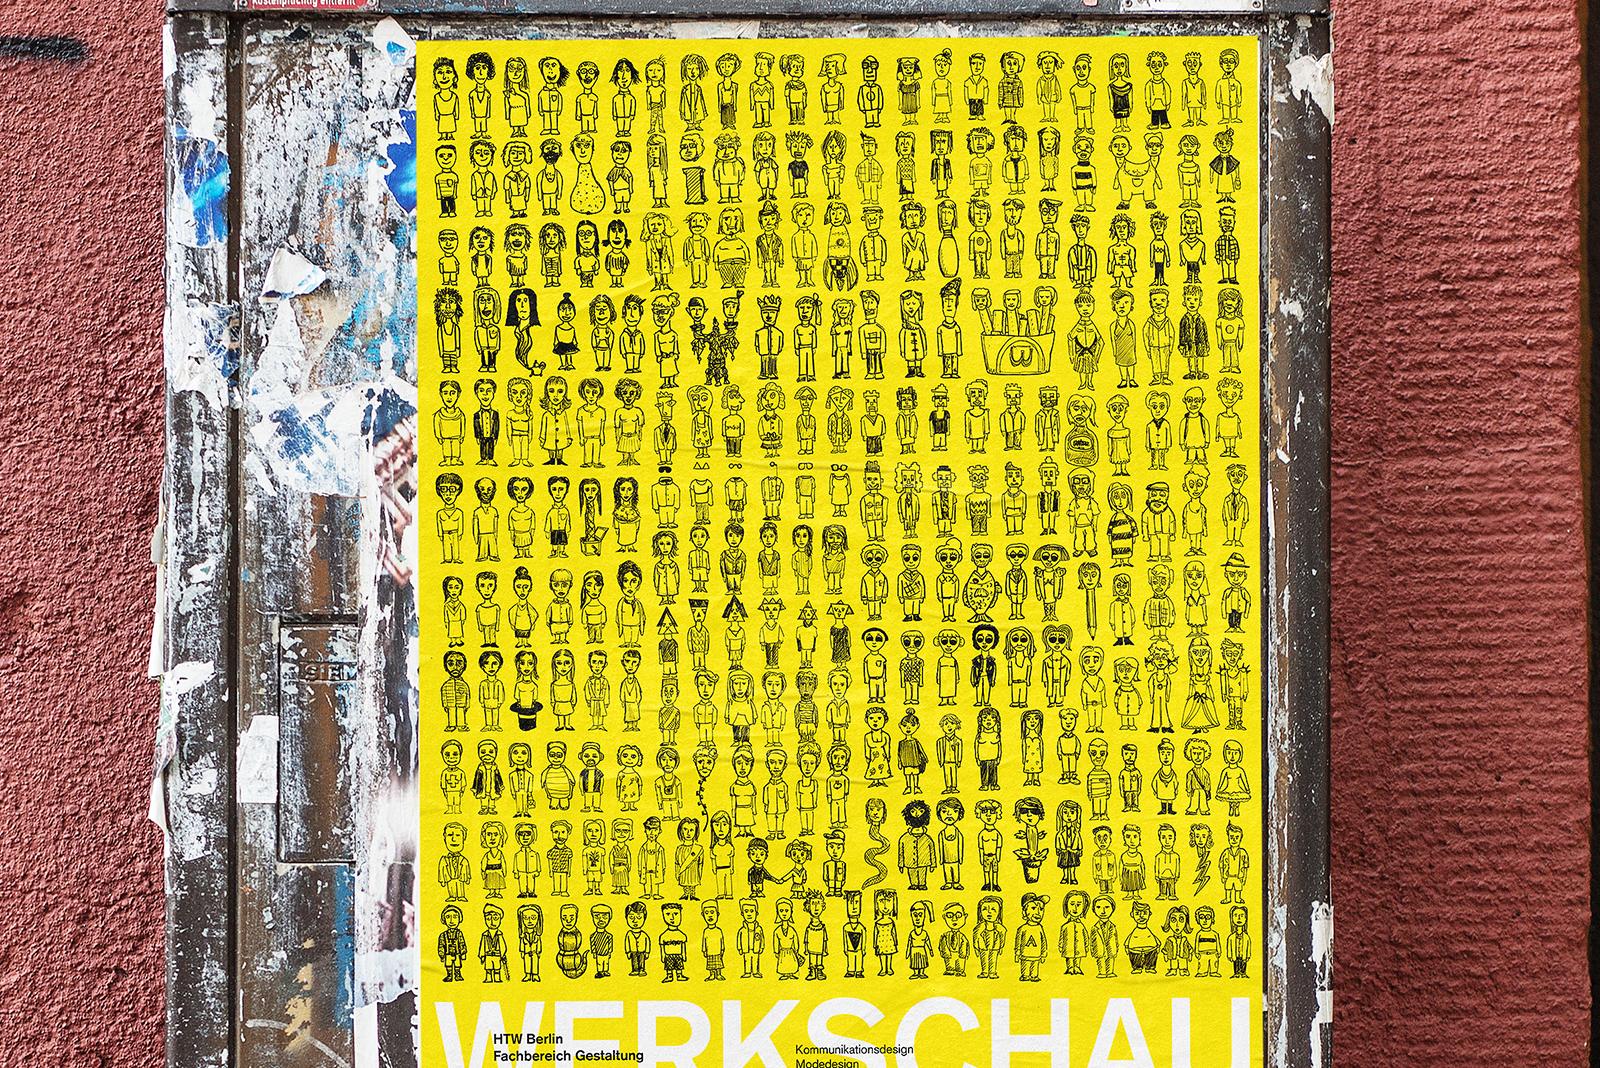 HTW Berlin Werkschau poster